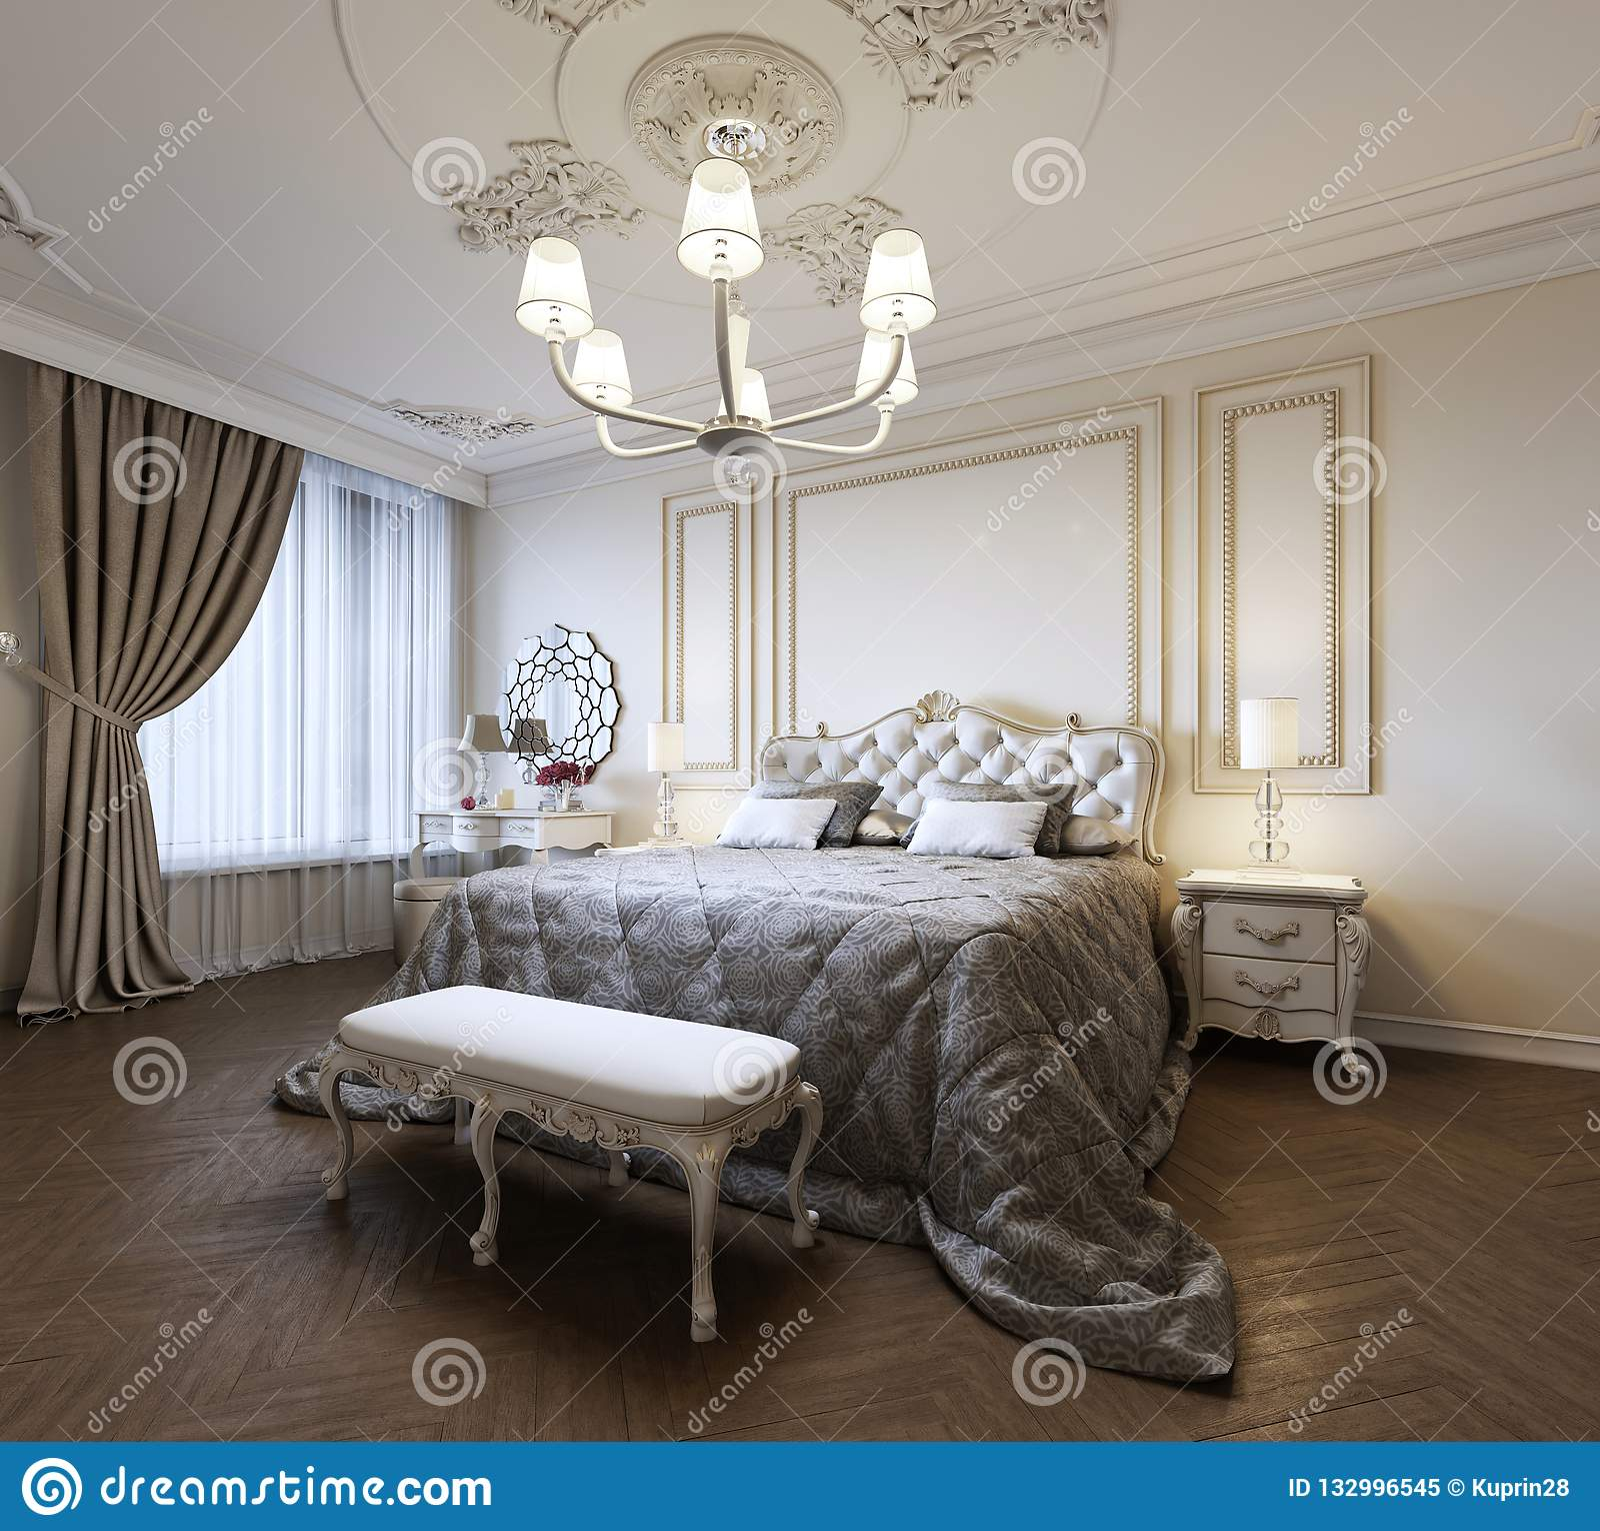 Дизайн интерьера спальни городской современной современной классики традиционный с бежевыми стенами, элегантной мебелью и постель